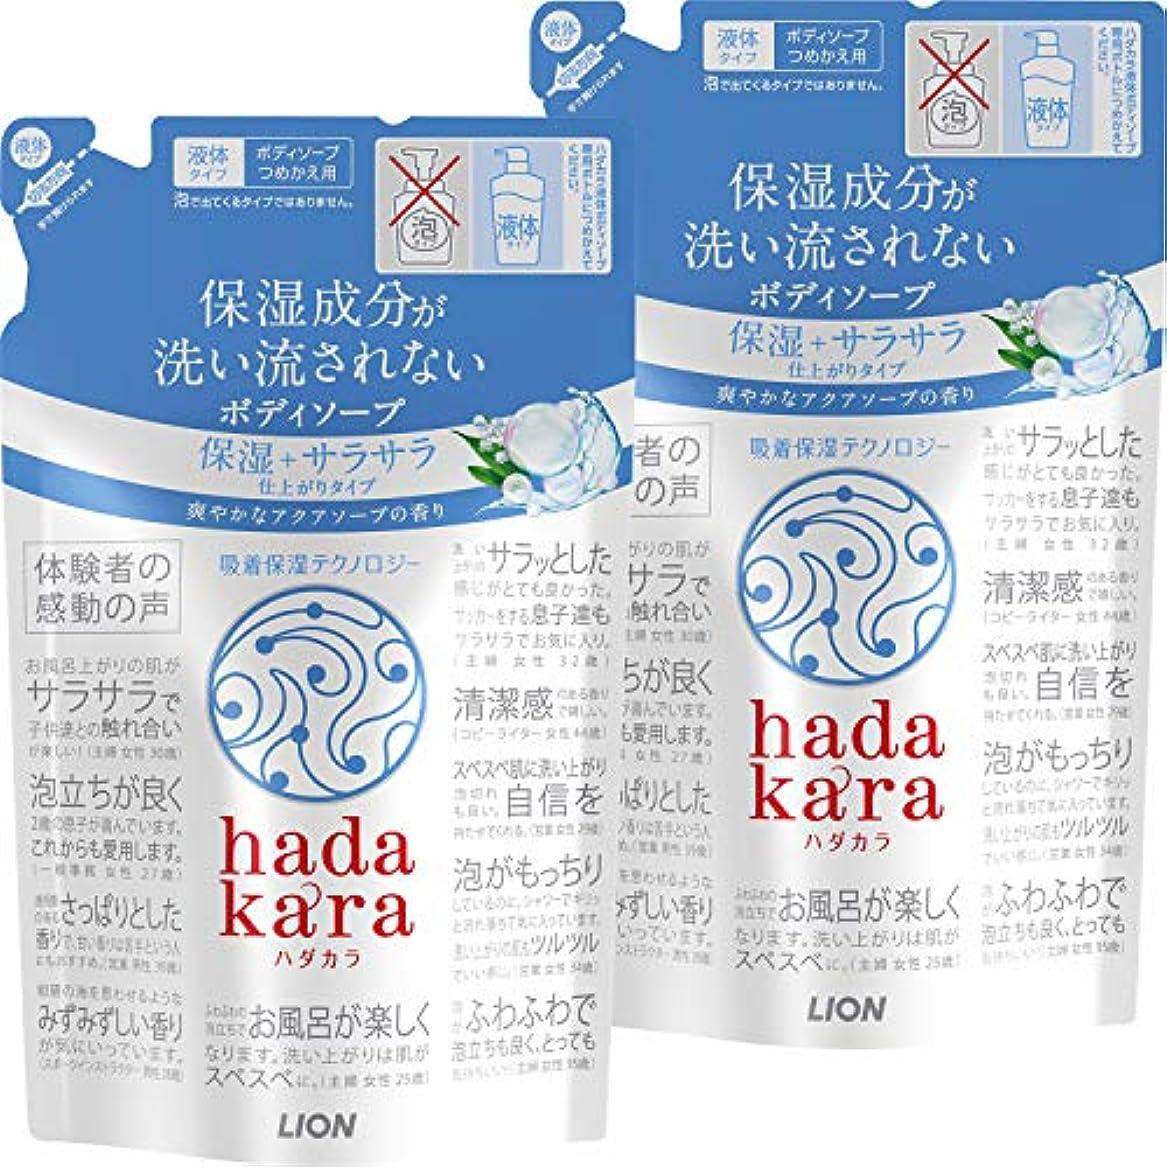 侵入ひらめきジュラシックパーク【まとめ買い】hadakara(ハダカラ) ボディソープ 保湿+サラサラ仕上がりタイプ アクアソープの香り 詰め替え 340ml×2個パック